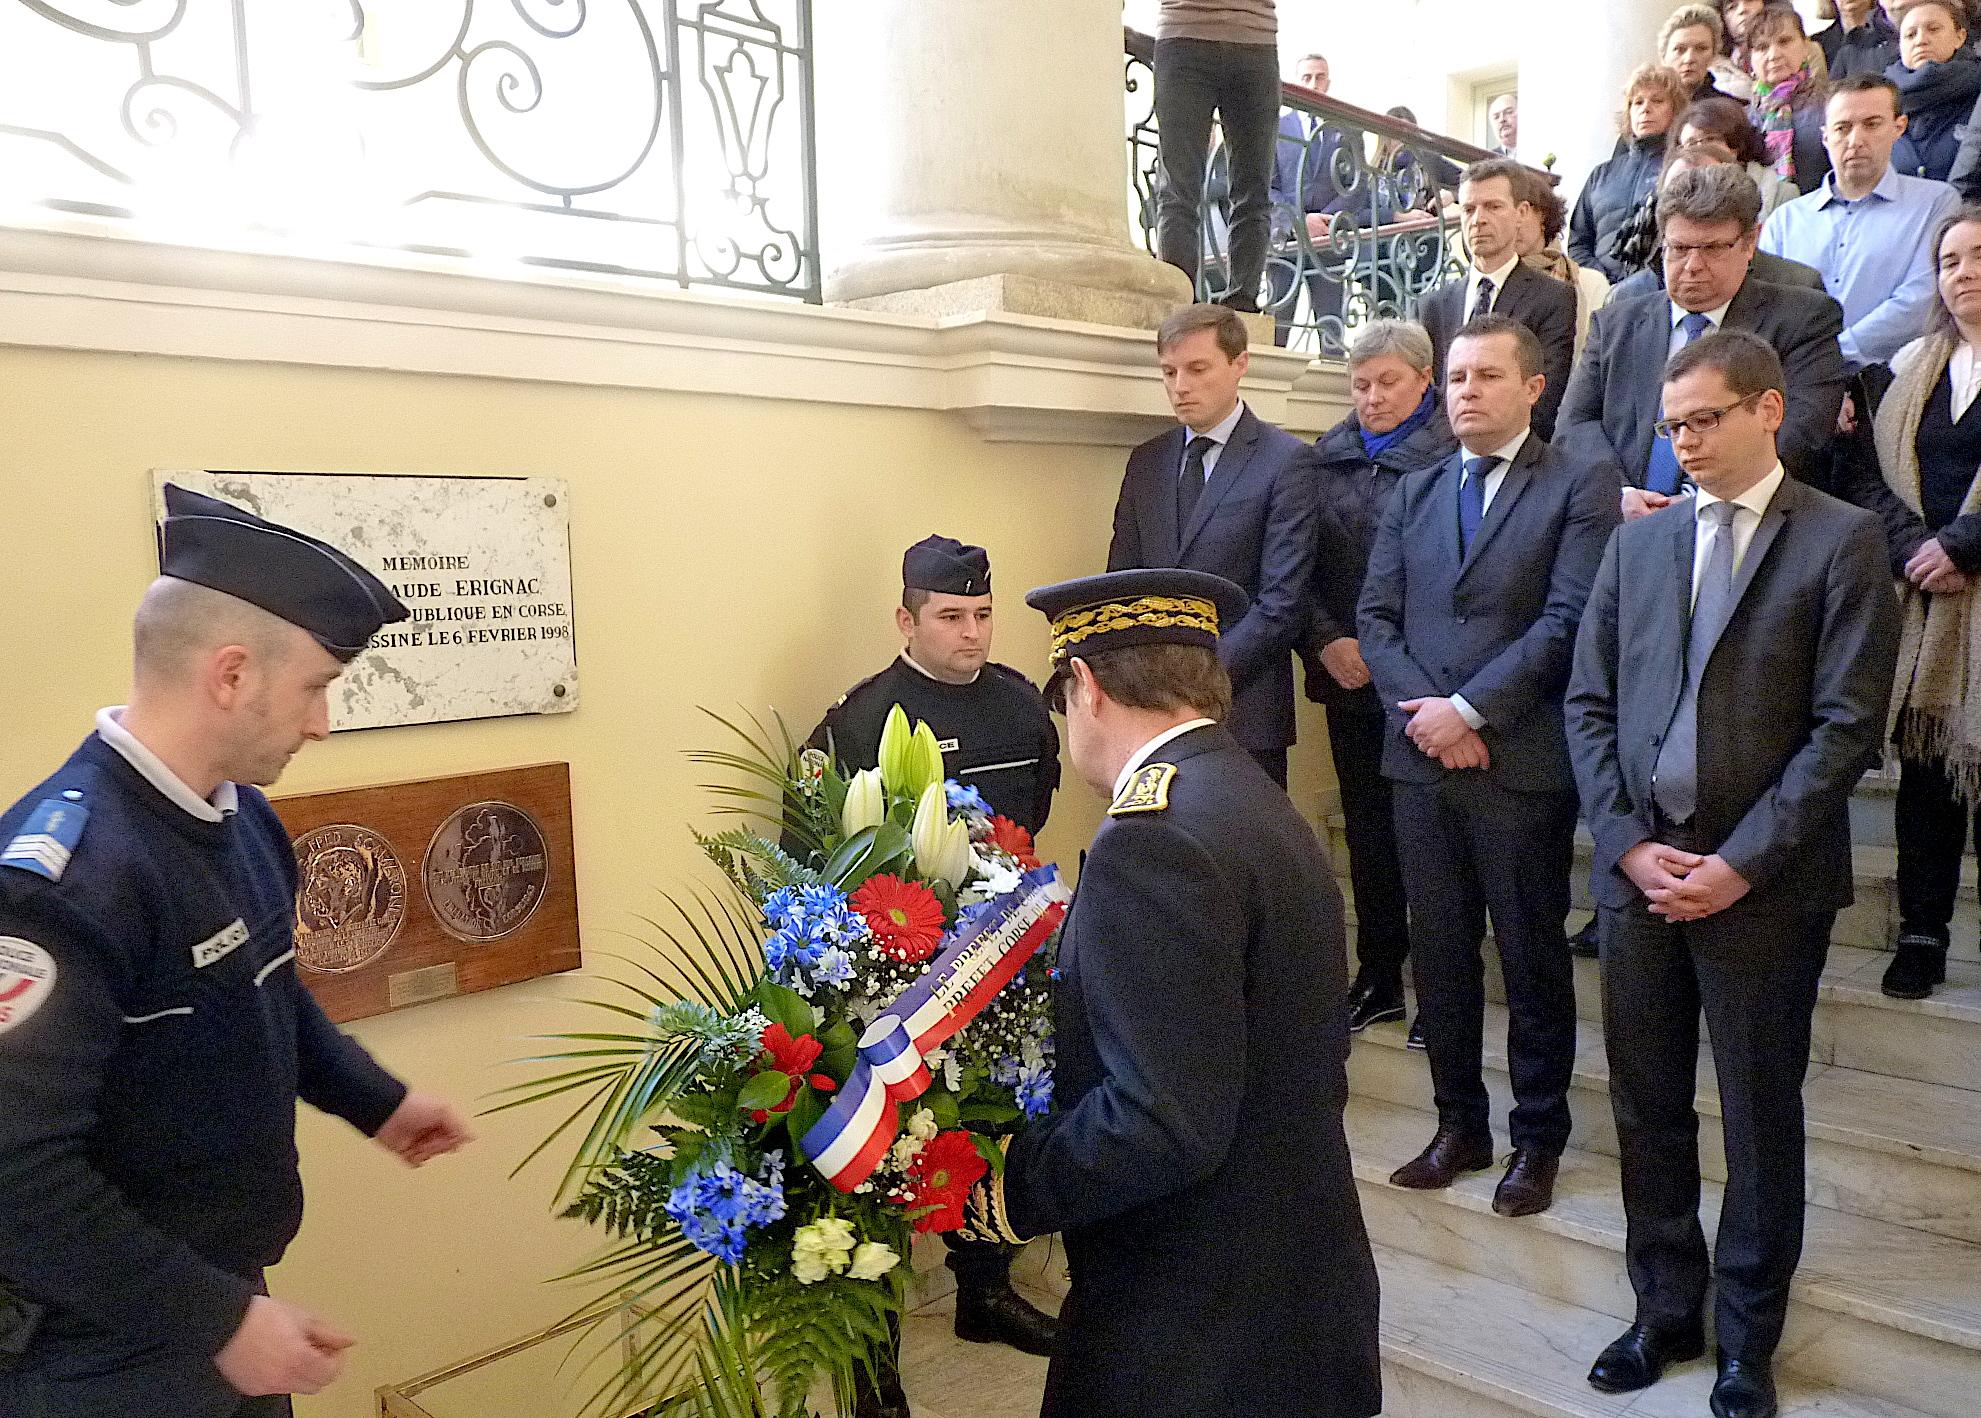 L'hommage au préfet Claude Erignac : 19 ans après…